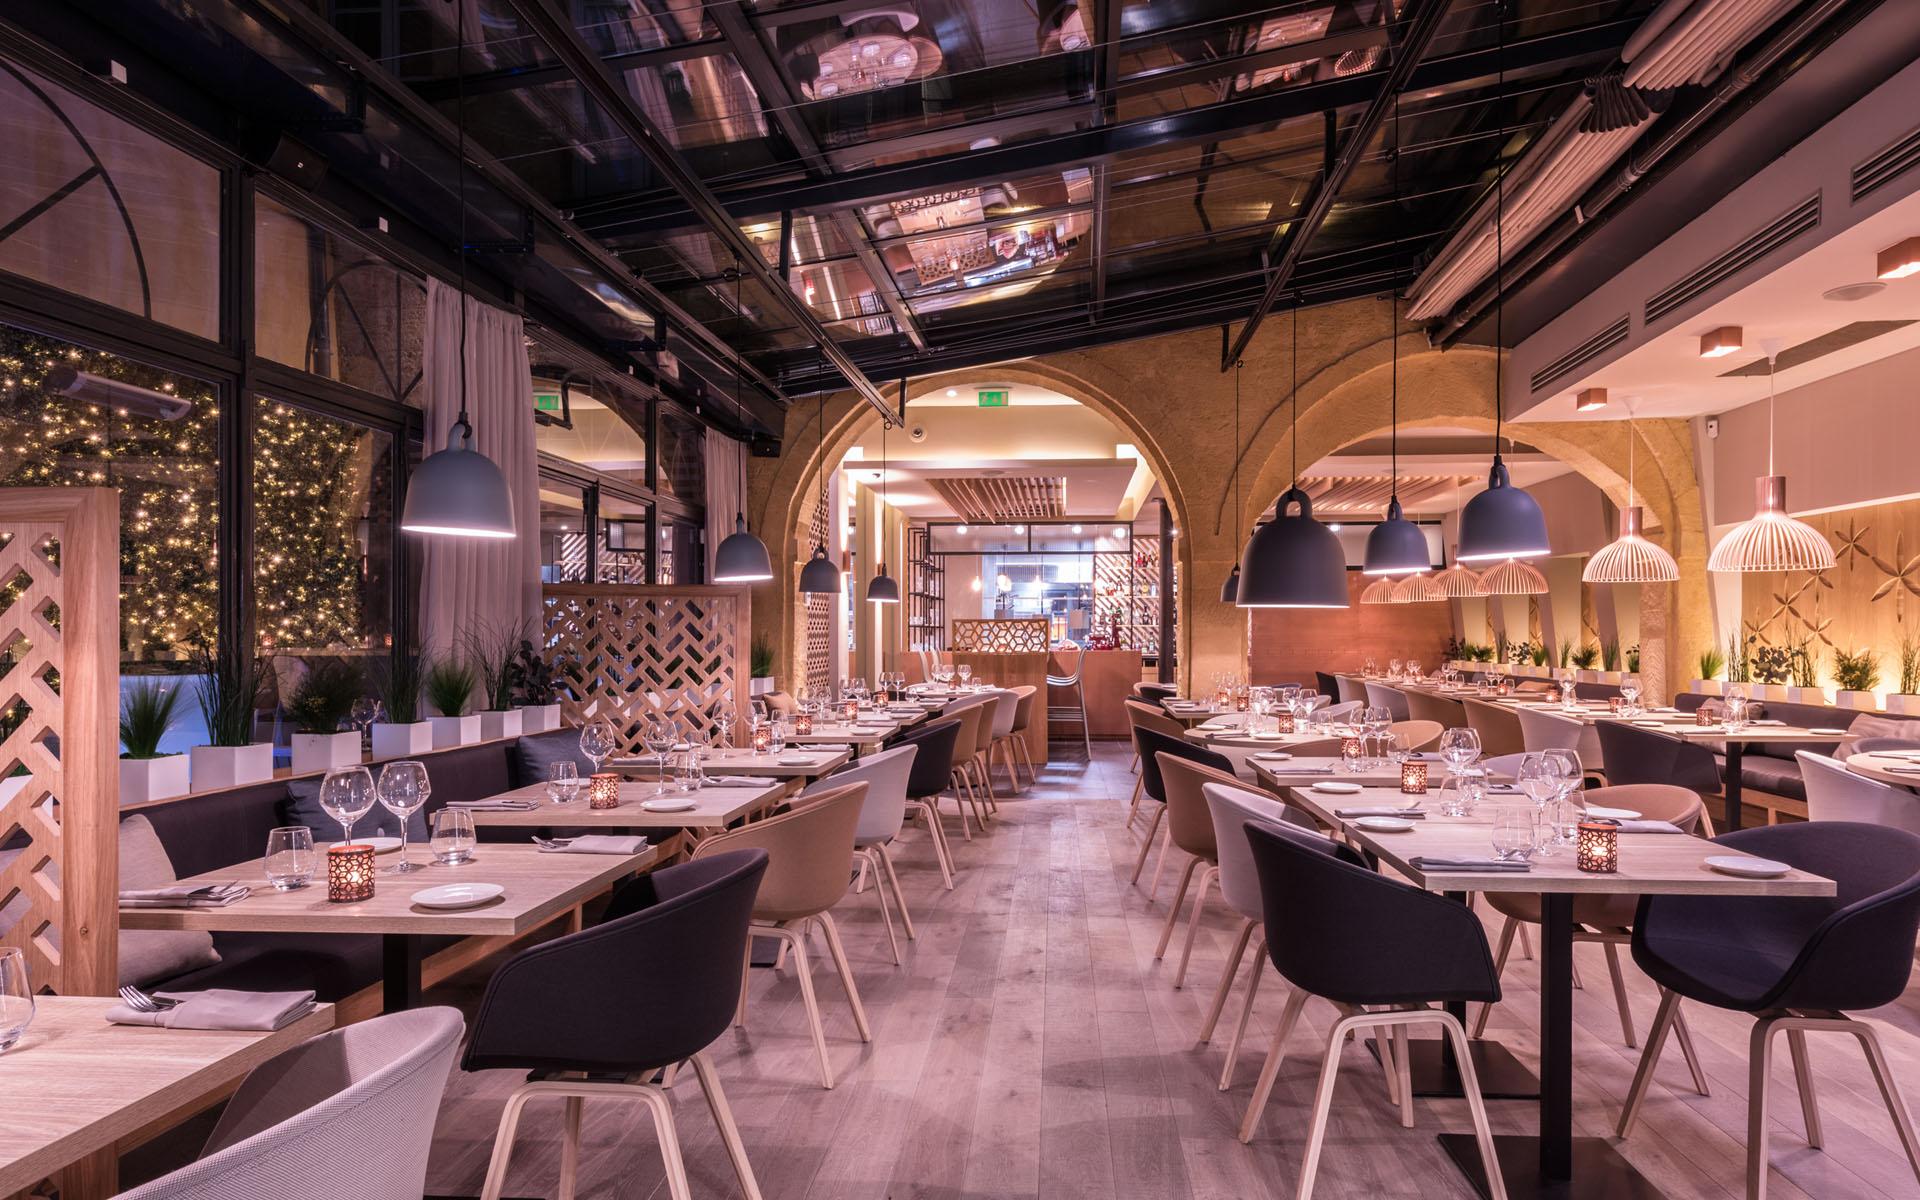 intérieur du restaurant coté cour à aix en provence 5